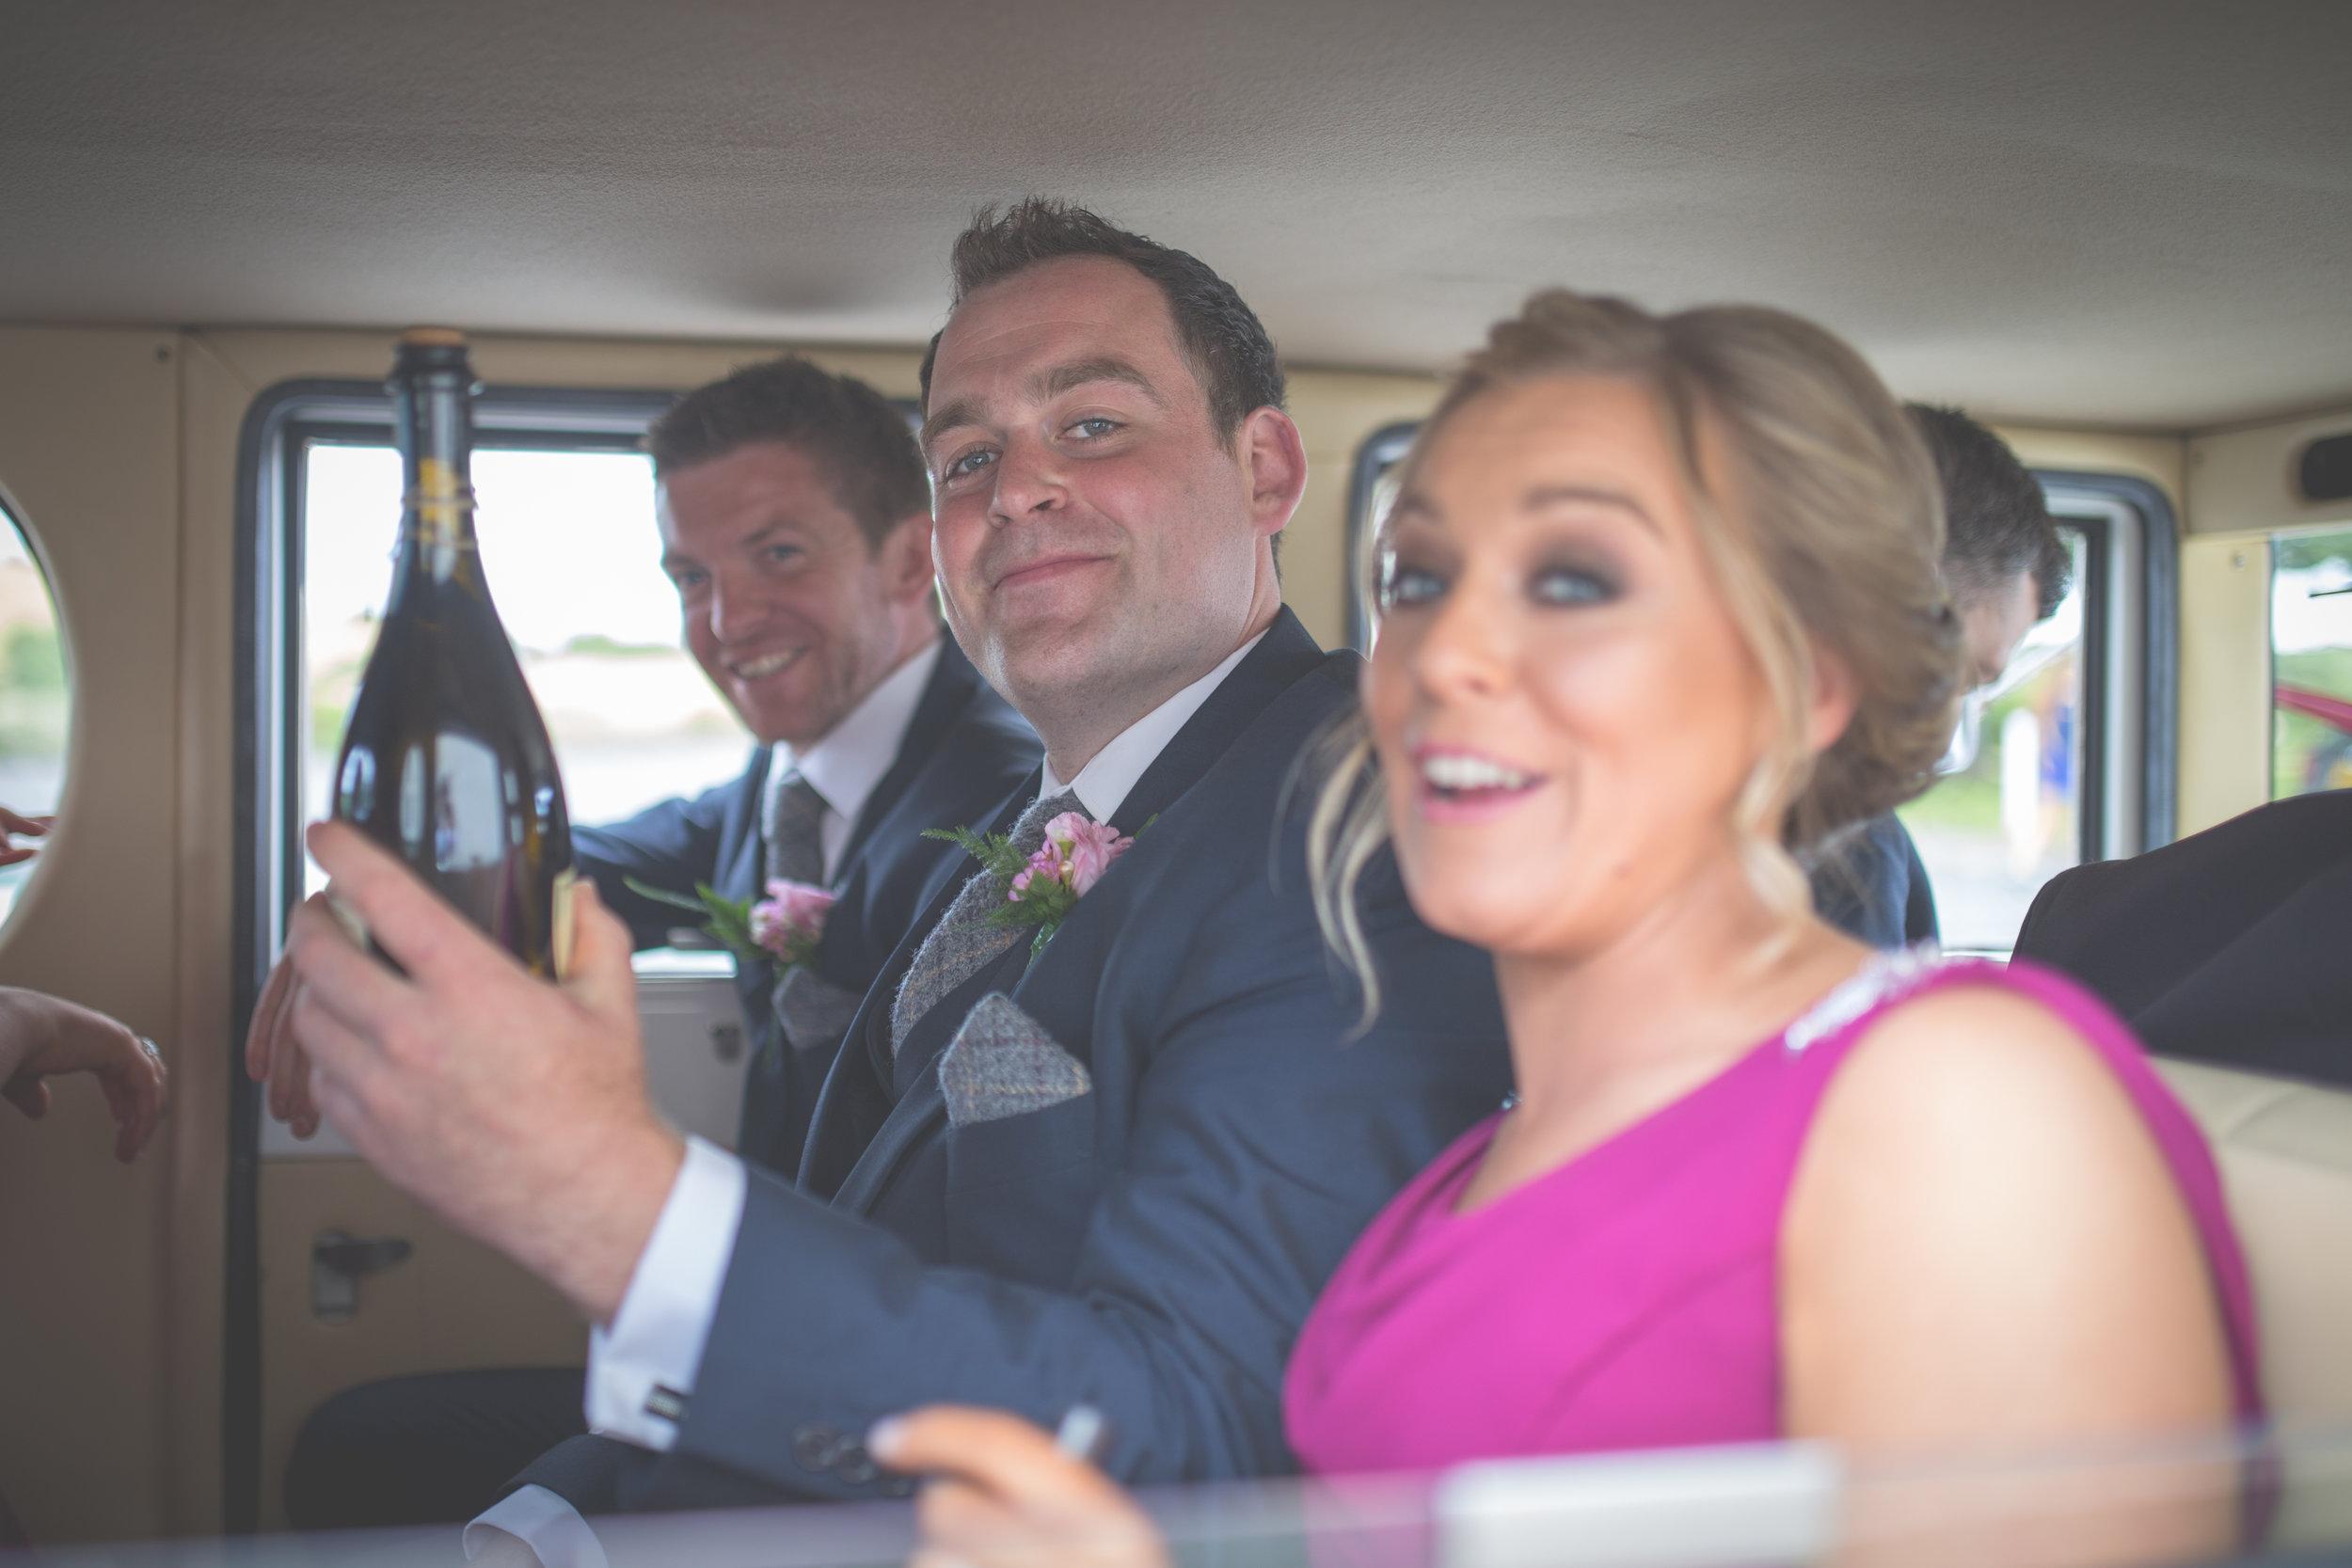 Brian McEwan Wedding Photography   Carol-Anne & Sean   The Ceremony-167.jpg